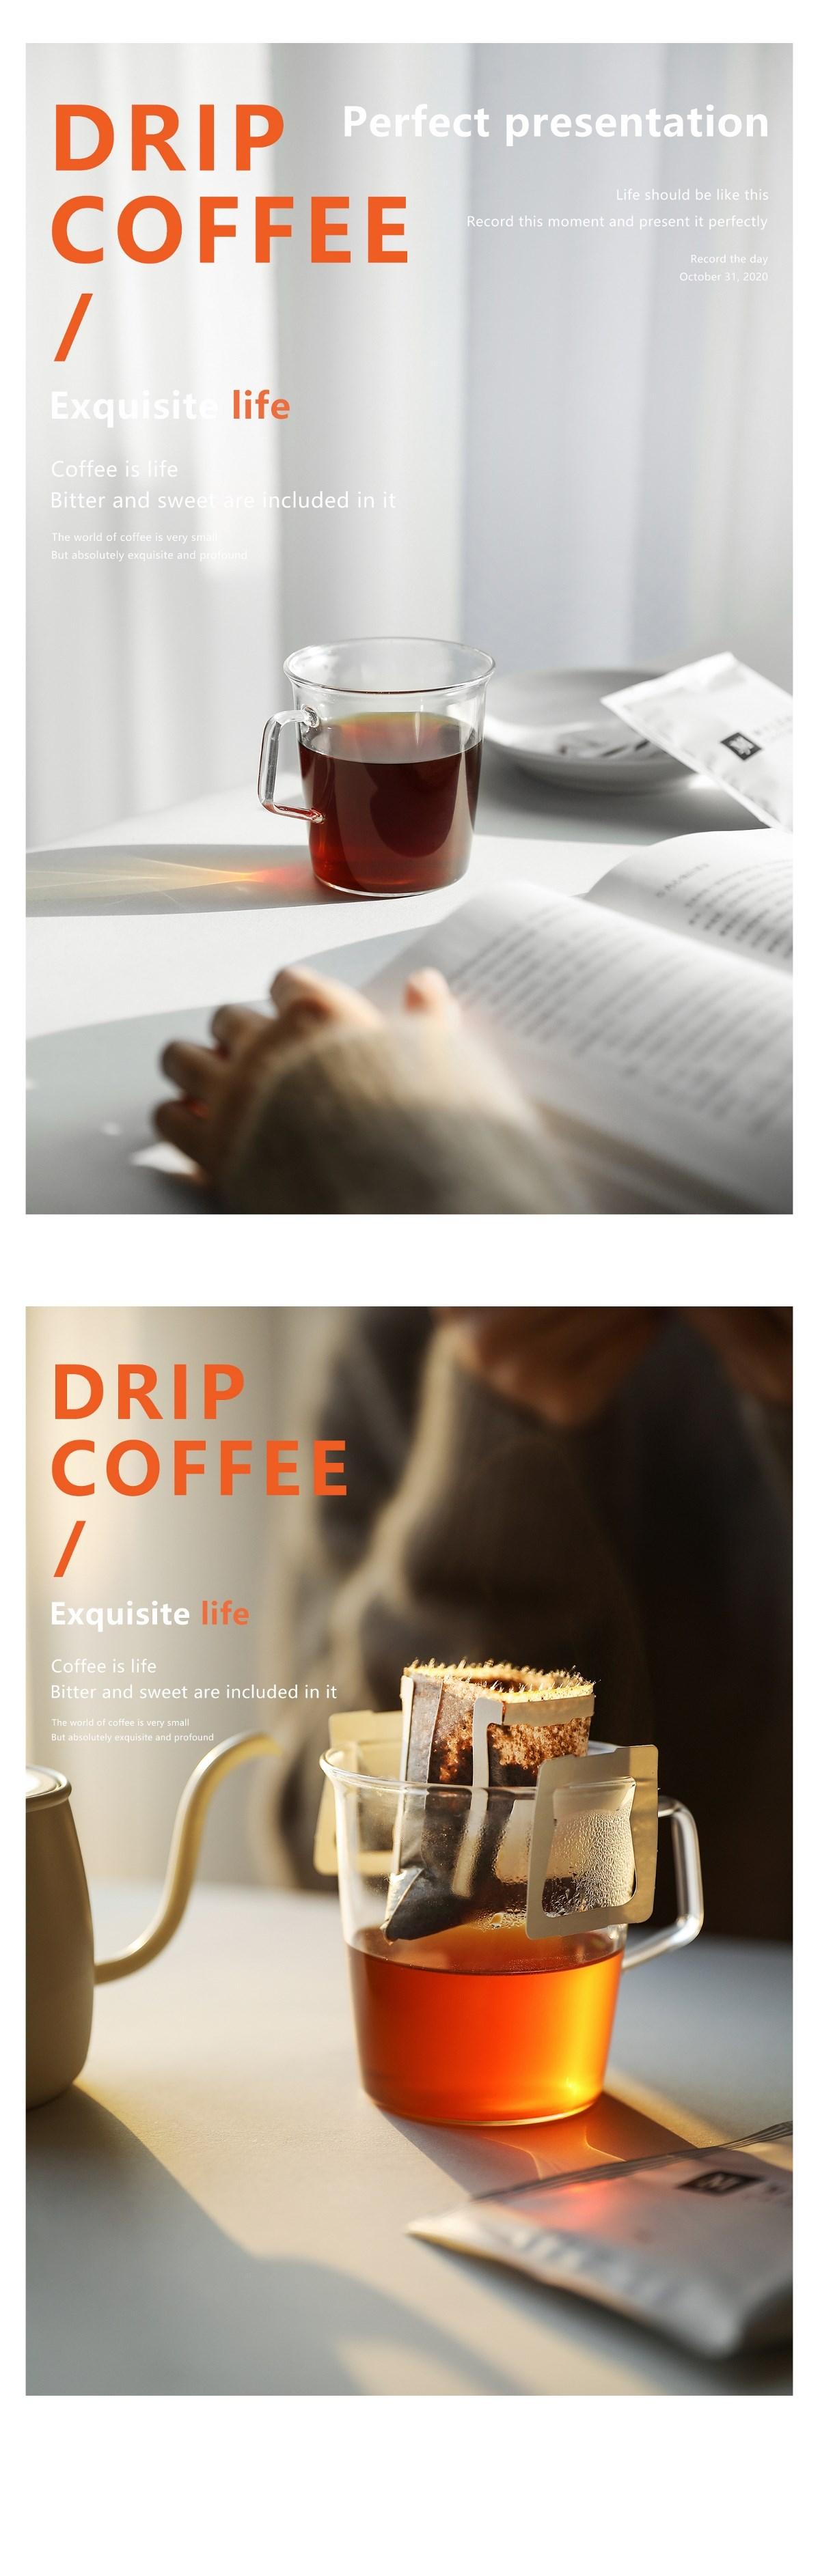 咖啡 · 精致生活丨完美呈现